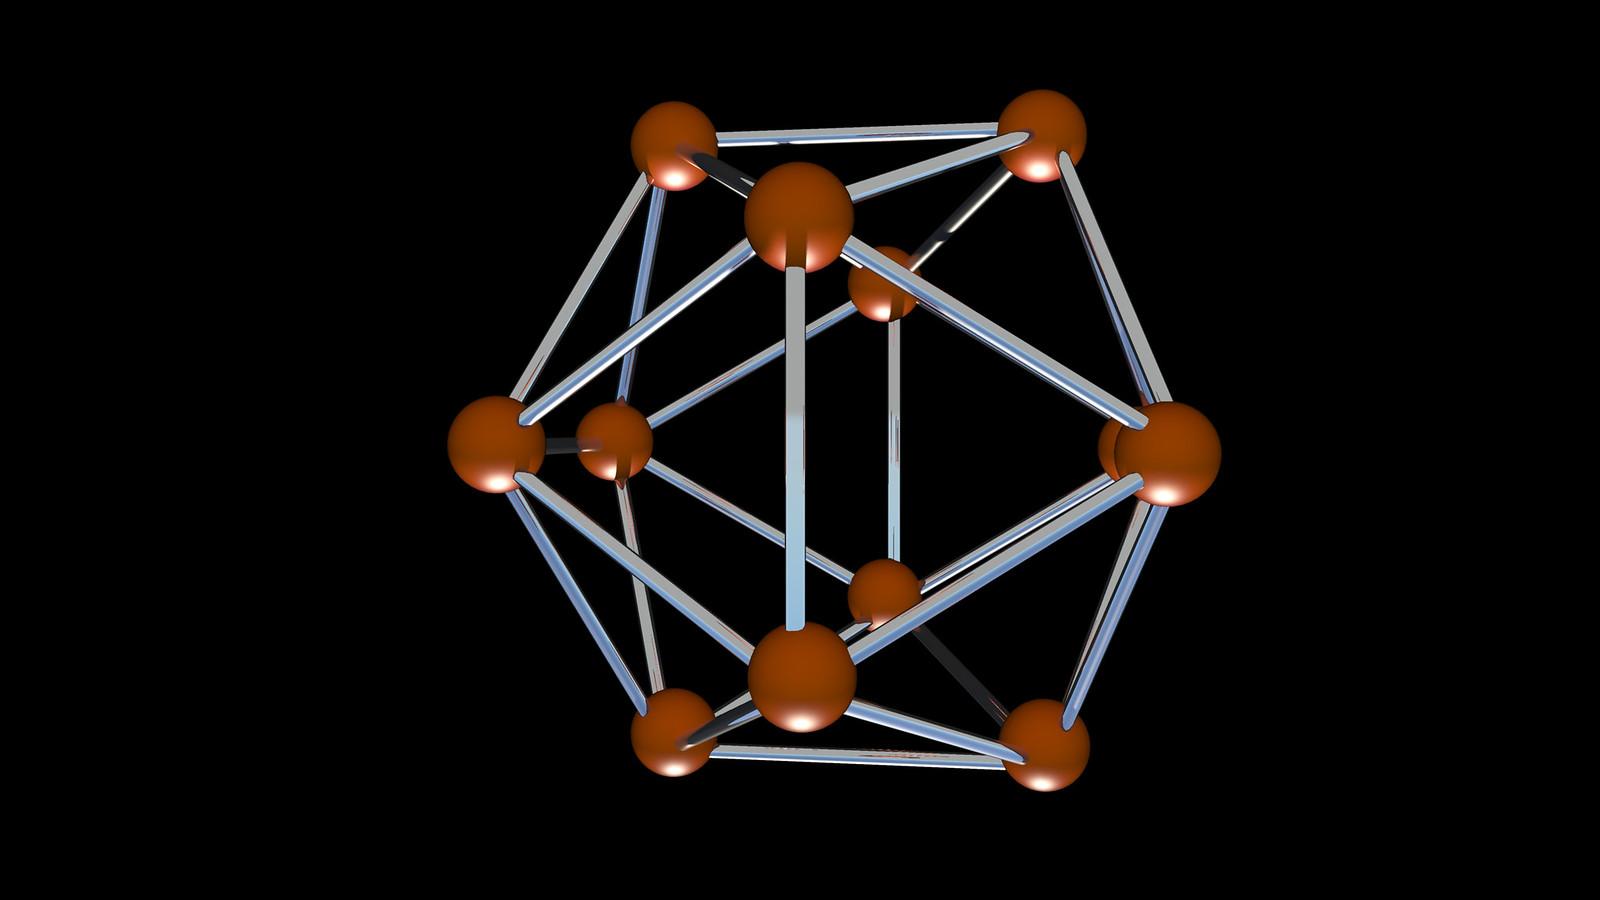 icosahedron_correlaciones_24